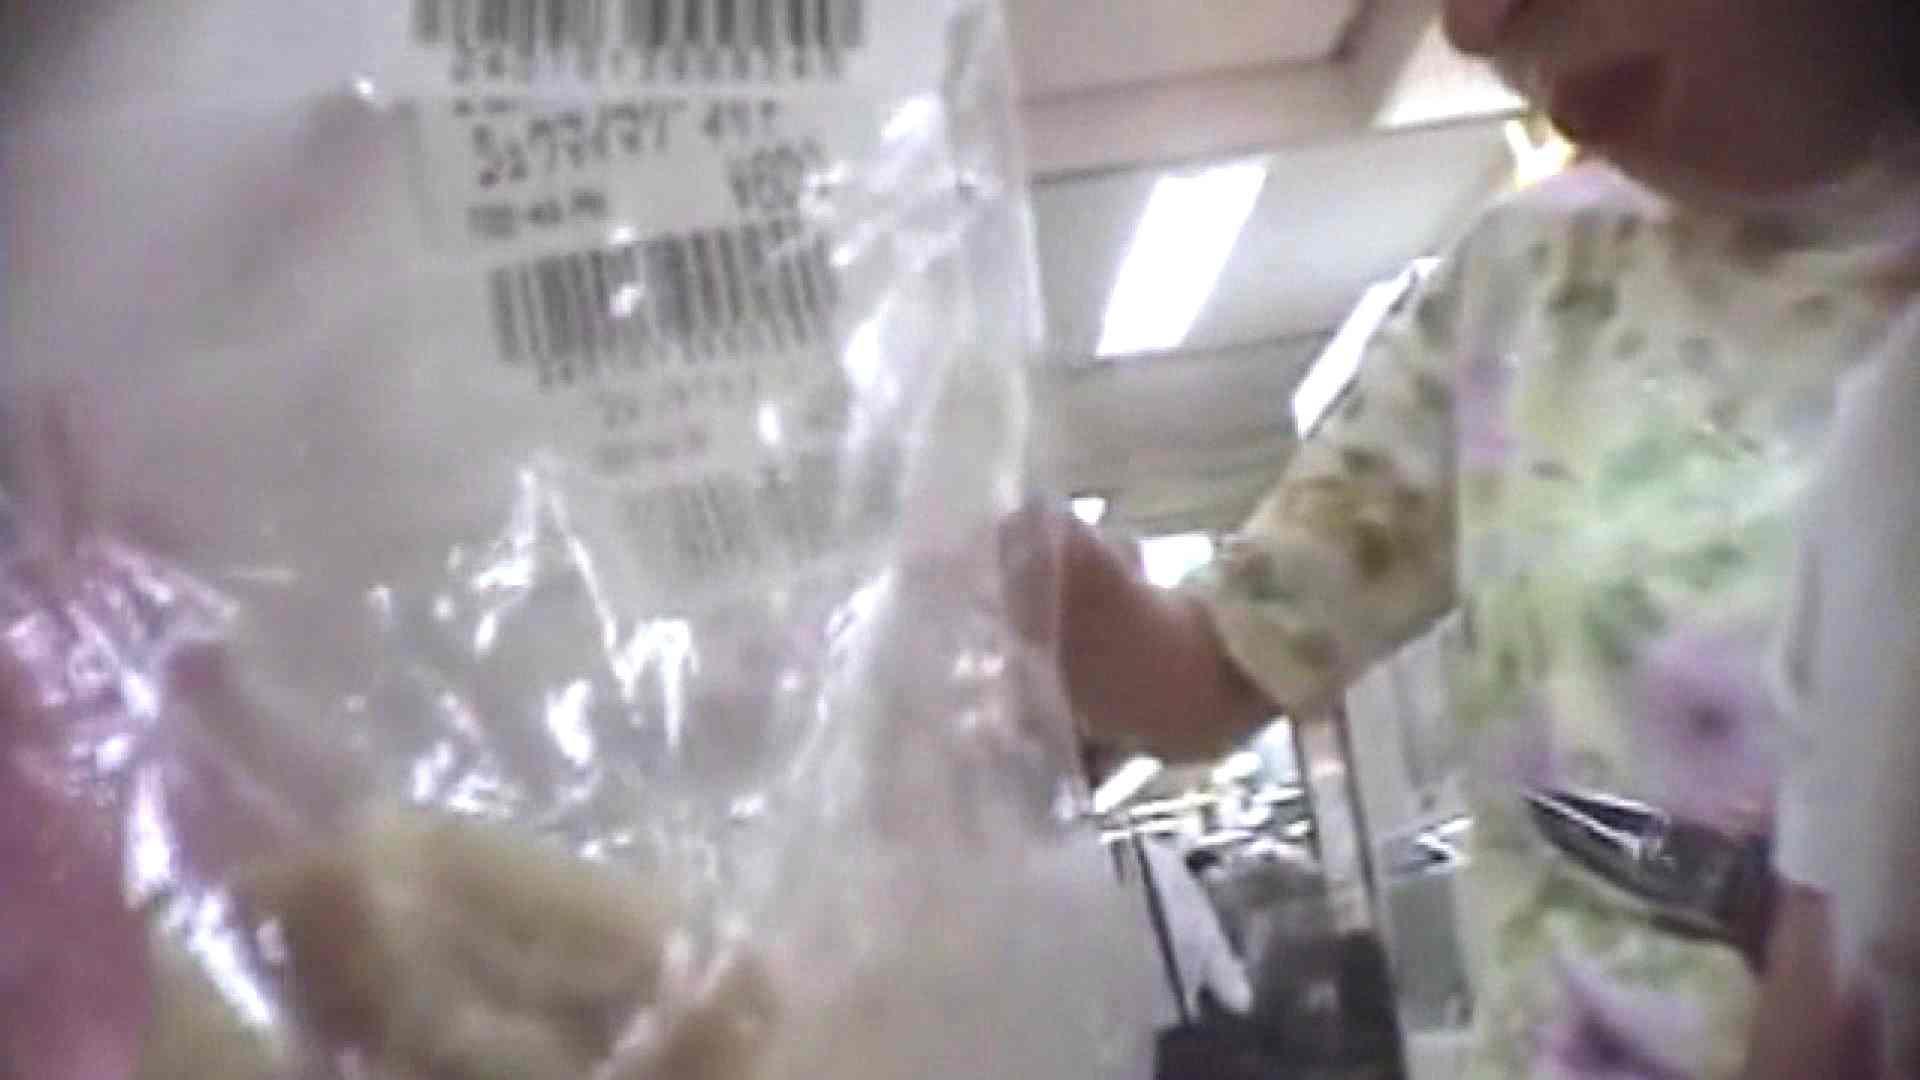 真剣に買い物中のgal達を上から下から狙います。vol.05 隠撮 エロ無料画像 48pic 45